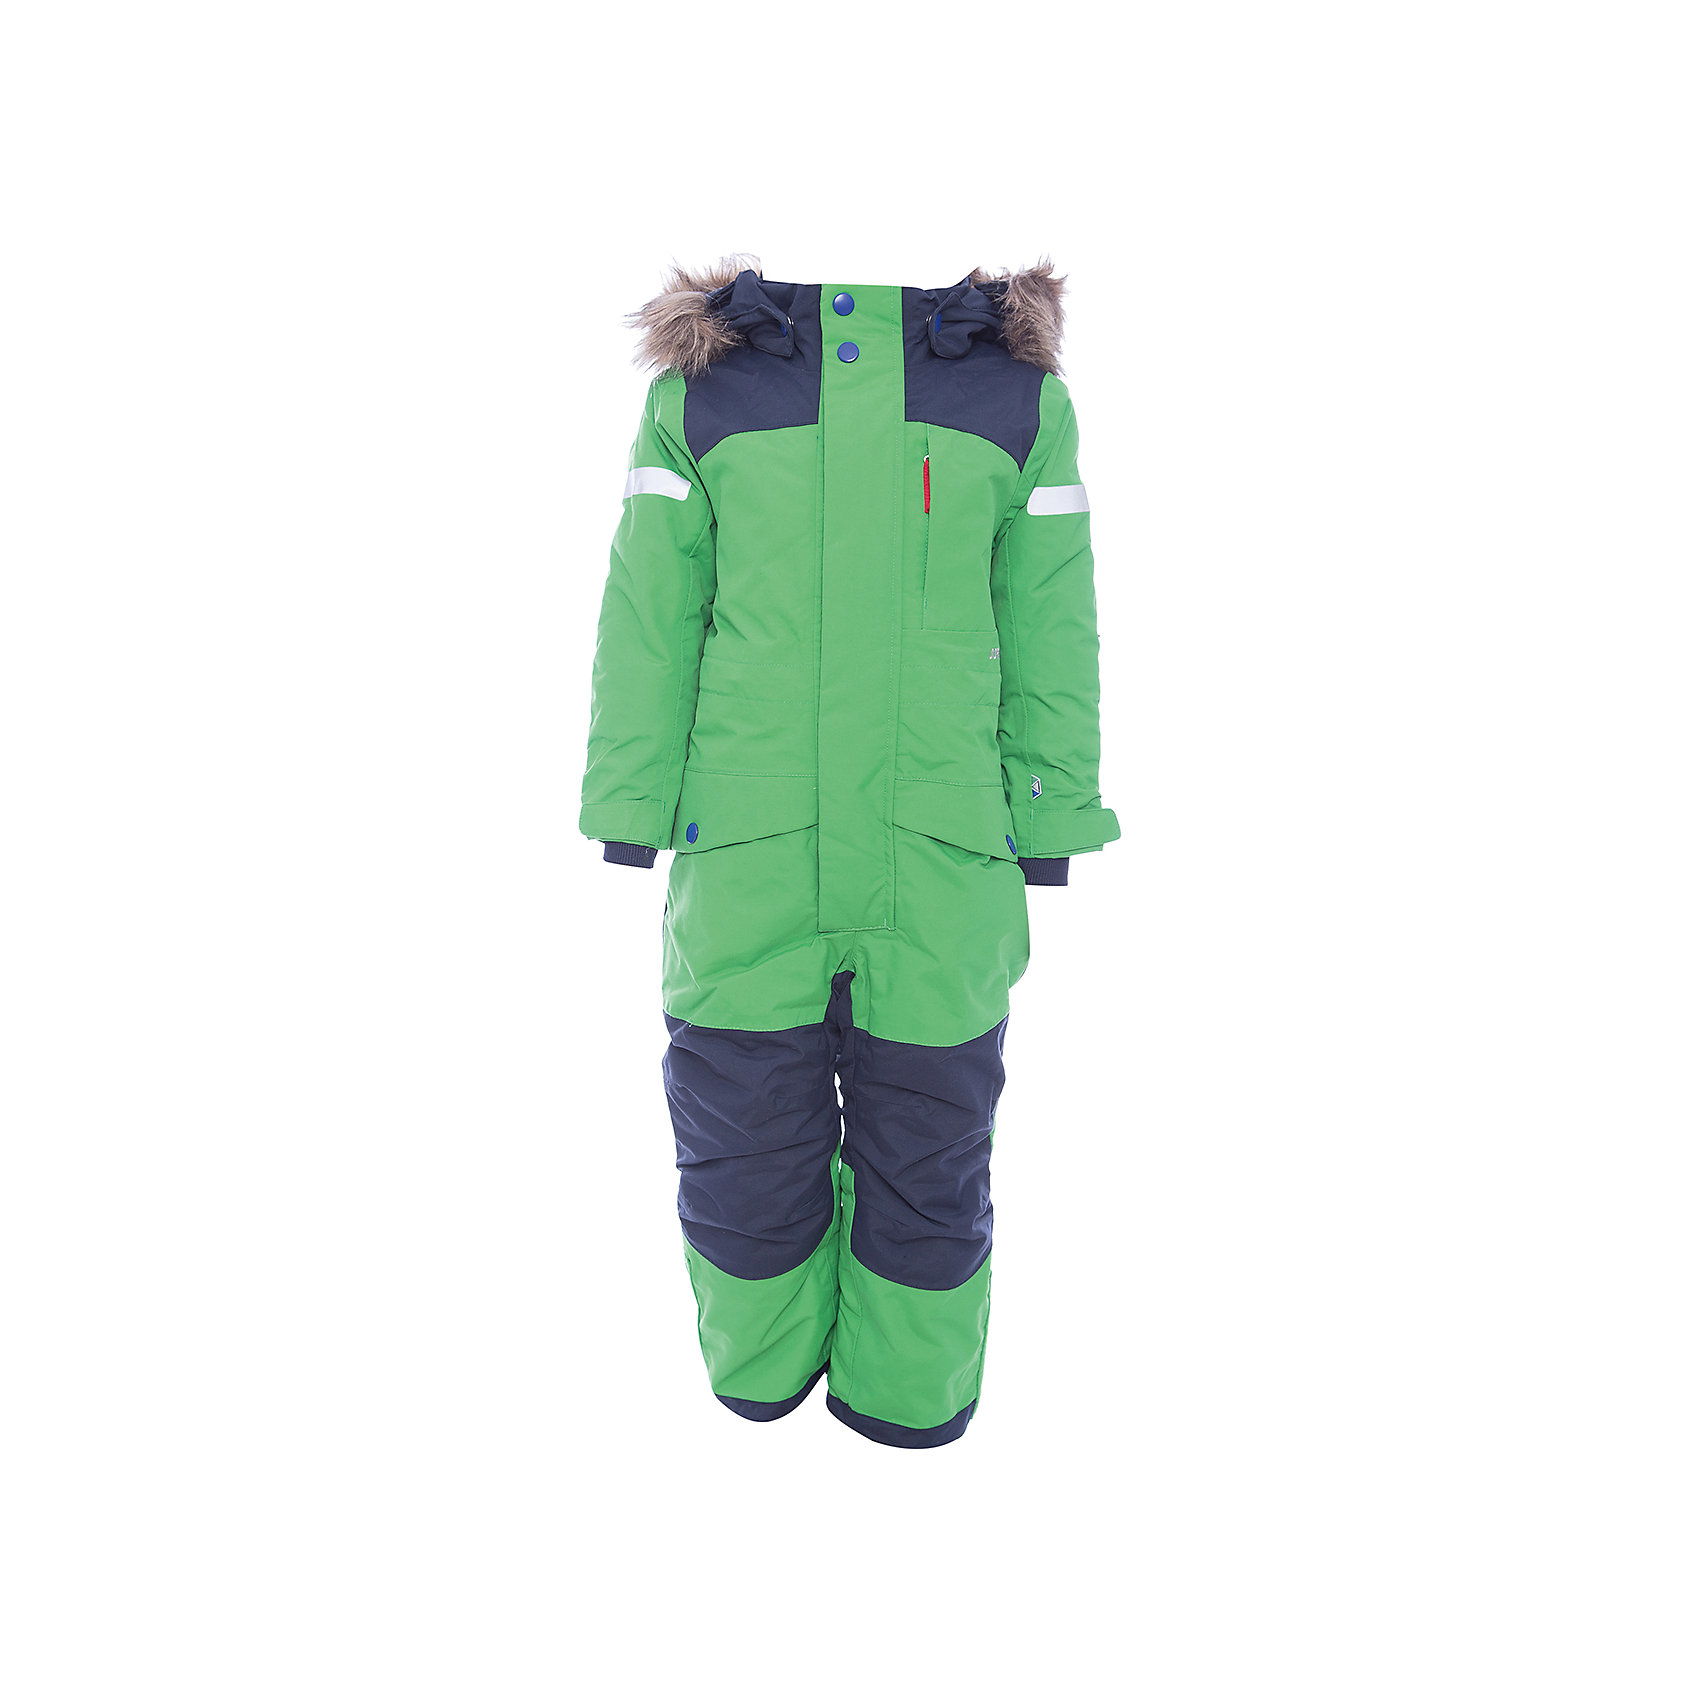 Комбинезон BJORNEN  DIDRIKSONSВерхняя одежда<br>Характеристики товара:<br><br>• цвет: зеленый<br>• состав ткани: 100% полиэстер<br>• подкладка: 100% полиэстер<br>• утеплитель: 100% полиэстер<br>• сезон: зима<br>• мембранное покрытие<br>• температурный режим: от -20 до 0<br>• водонепроницаемость: 10000 мм <br>• паропроницаемость: 4000 г/м2<br>• плотность утеплителя: 180 г/м2<br>• швы проклеены<br>• капюшон: с мехом, съемный<br>• съемный капюшон<br>• съемный искусственный мех на капюшоне<br>• регулируемый капюшон, талия, рукава и ширина штанин<br>• внутренние эластичные манжеты с отверстием для большого пальца<br>• снежные гетры<br>• крепления для перчаток и ботинок<br>• светоотражающие детали<br>• штрипки<br>• конструкция позволяет увеличить длину рукава и штанин на один размер<br>• страна бренда: Швеция<br>• страна изготовитель: Китай<br><br>Верх детского зимнего комбинезона - материал, который не промокает и не продувается, его легко чистить. Мембранный детский комбинезон надежно защитит ребенка в холода и мокрую погоду. Мягкая подкладка детского комбинезона делает его очень комфортной. Мембранный теплый комбинезон для ребенка дополнен удобным капюшоном, планкой от ветра и карманами. <br><br>Комбинезон Bjornen Didriksons (Дидриксонс) можно купить в нашем интернет-магазине.<br><br>Ширина мм: 356<br>Глубина мм: 10<br>Высота мм: 245<br>Вес г: 519<br>Цвет: зеленый<br>Возраст от месяцев: 108<br>Возраст до месяцев: 120<br>Пол: Унисекс<br>Возраст: Детский<br>Размер: 140,90,100,110,120,130<br>SKU: 7045430